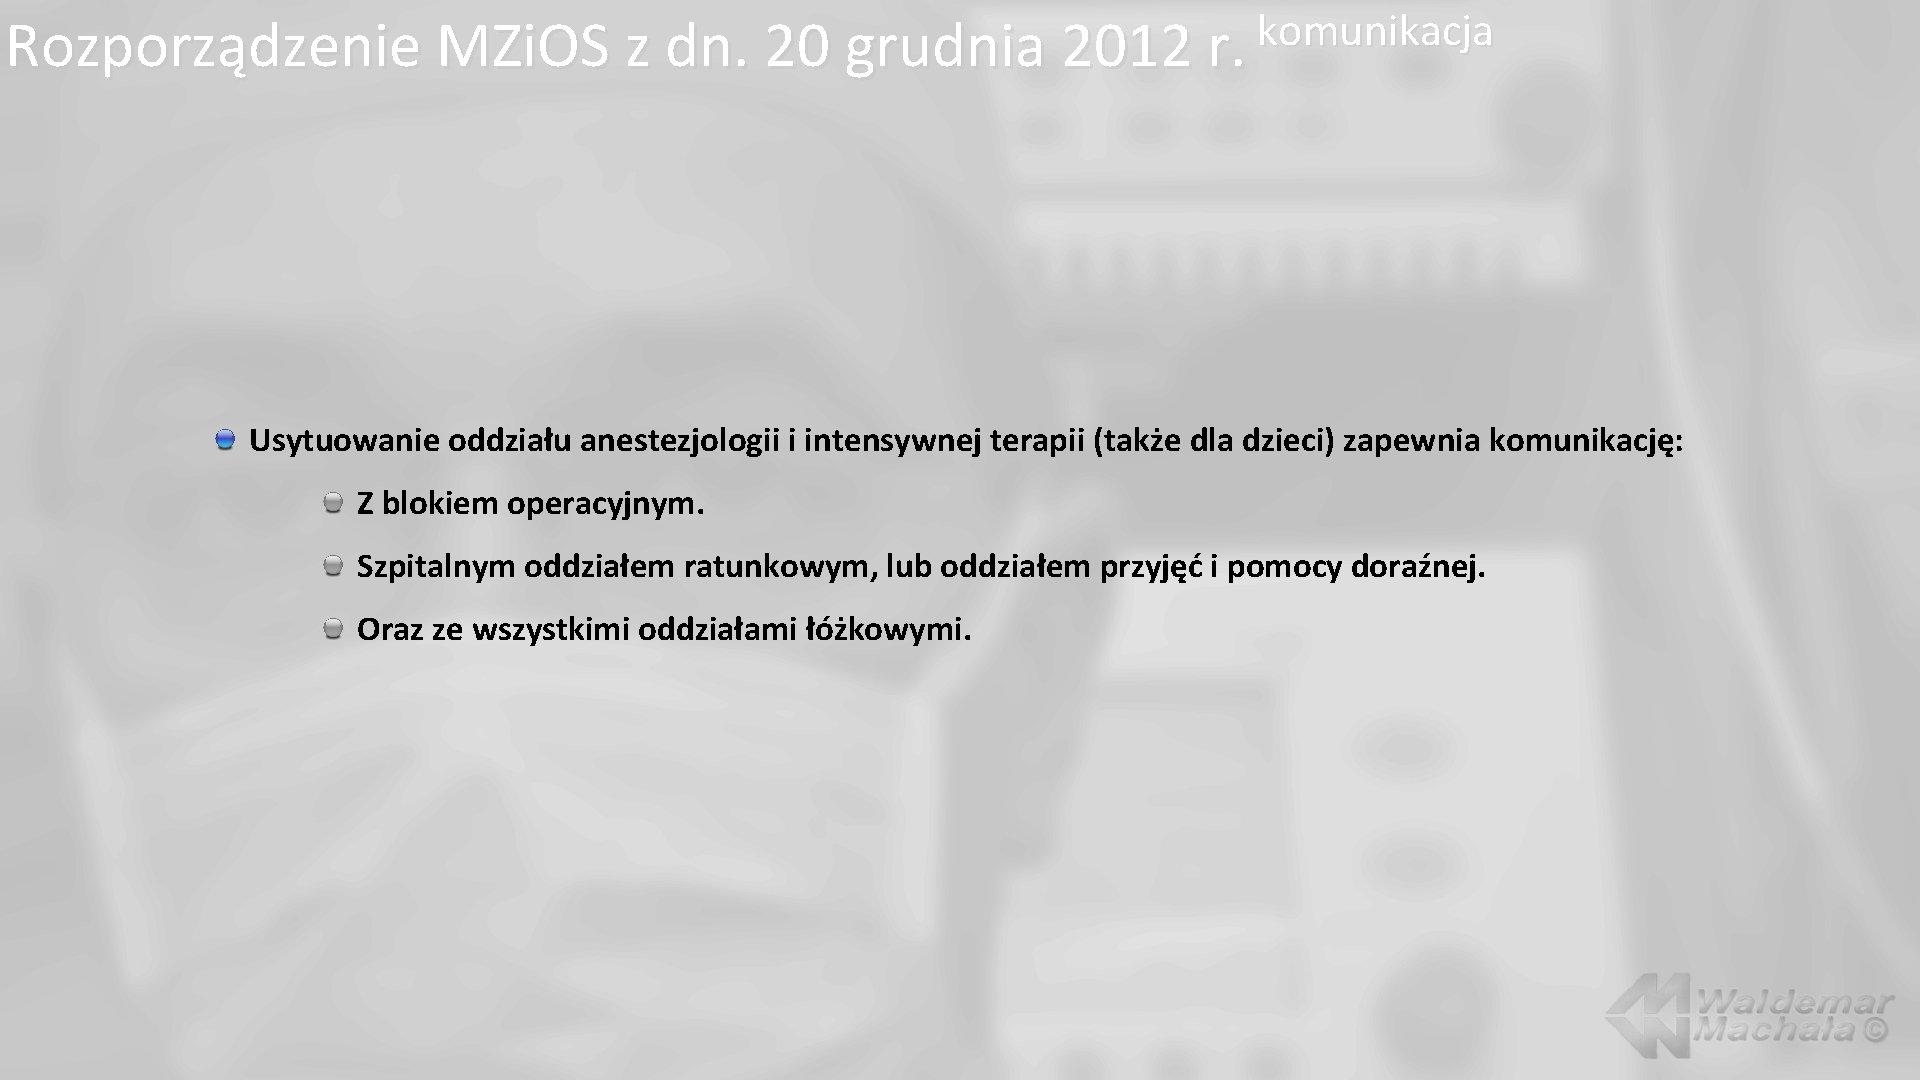 komunikacja Rozporządzenie MZi. OS z dn. 20 grudnia 2012 r. Usytuowanie oddziału anestezjologii i